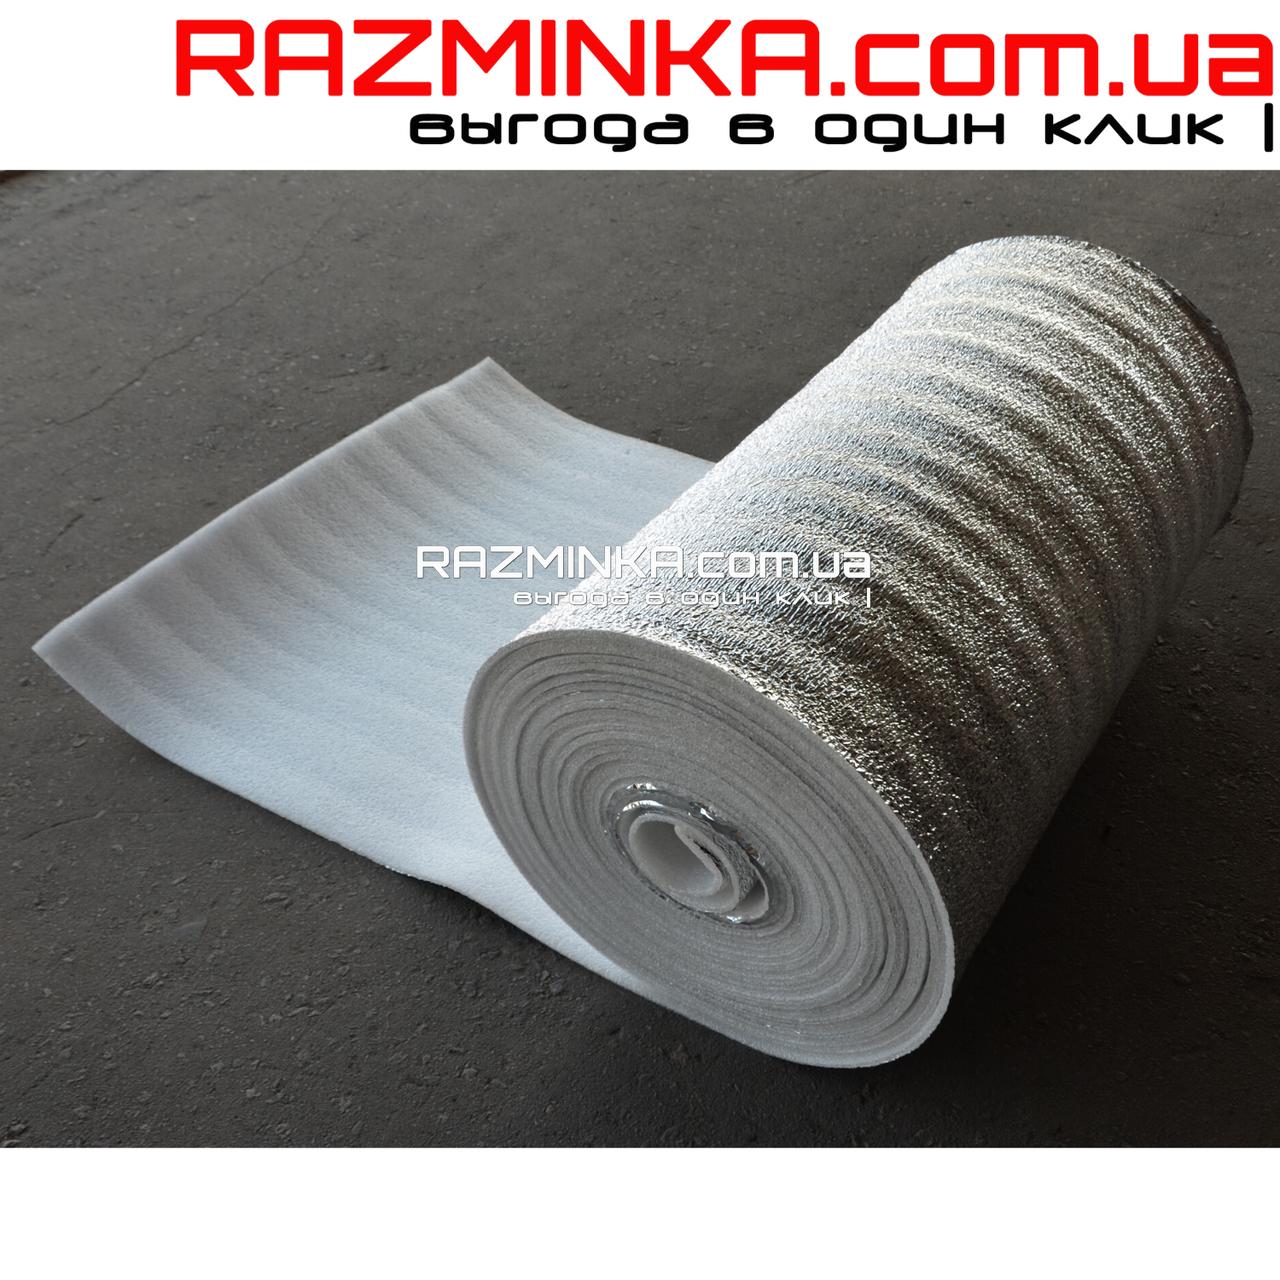 Фольгированный пенополиэтилен 5мм, рулон 50м²